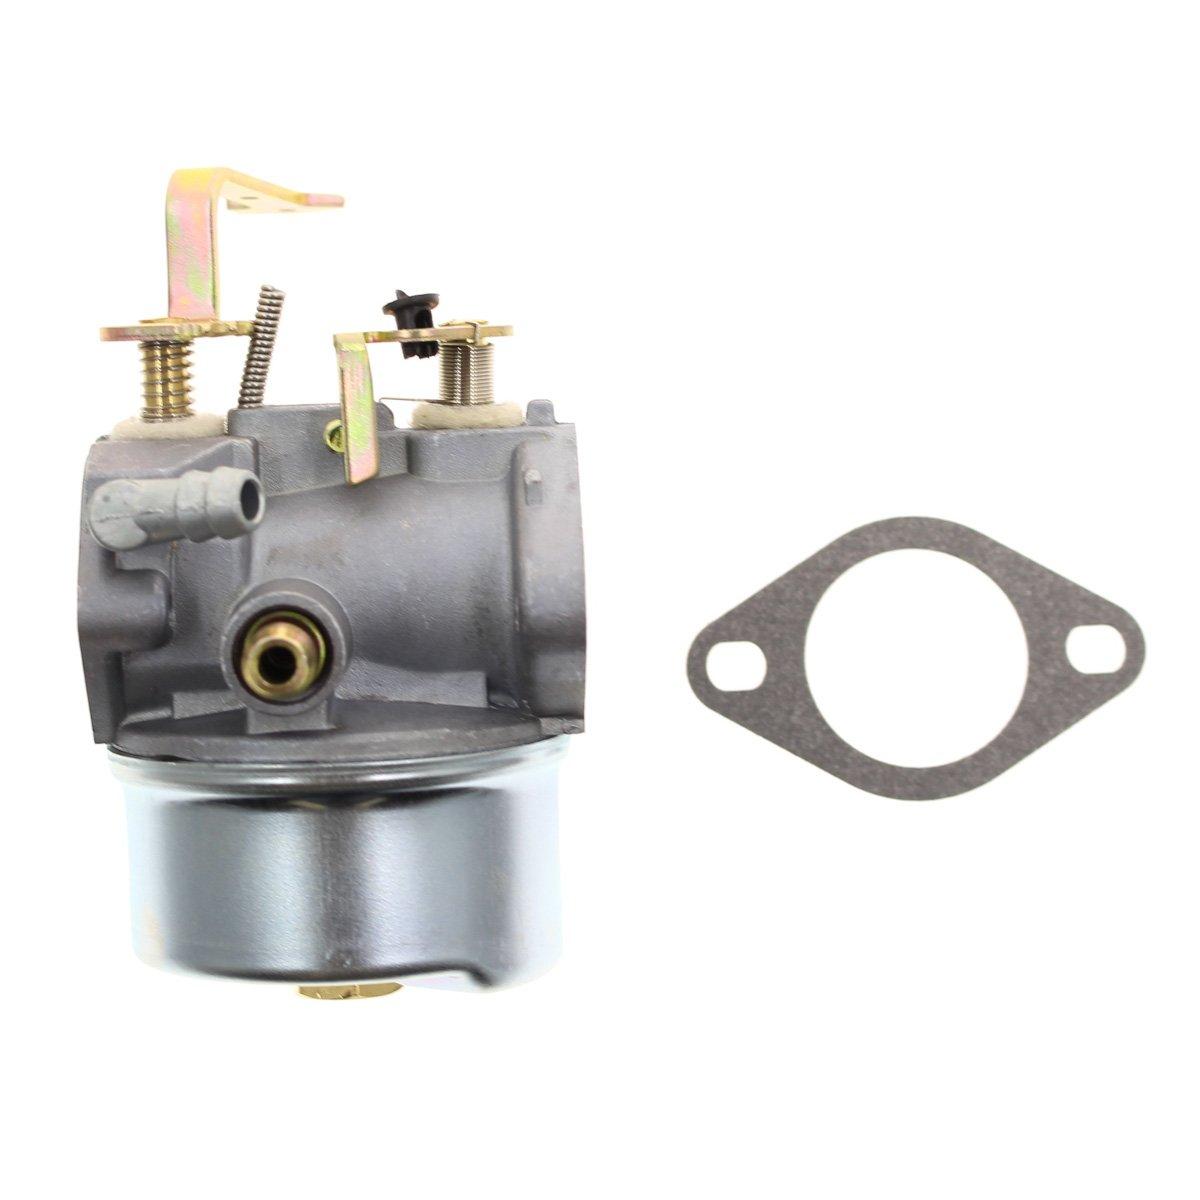 AUTOKAY Coleman Powermate Carburetor 8HP 10HP ER 4000 5000 Watt Generators 6250 Tecumseh